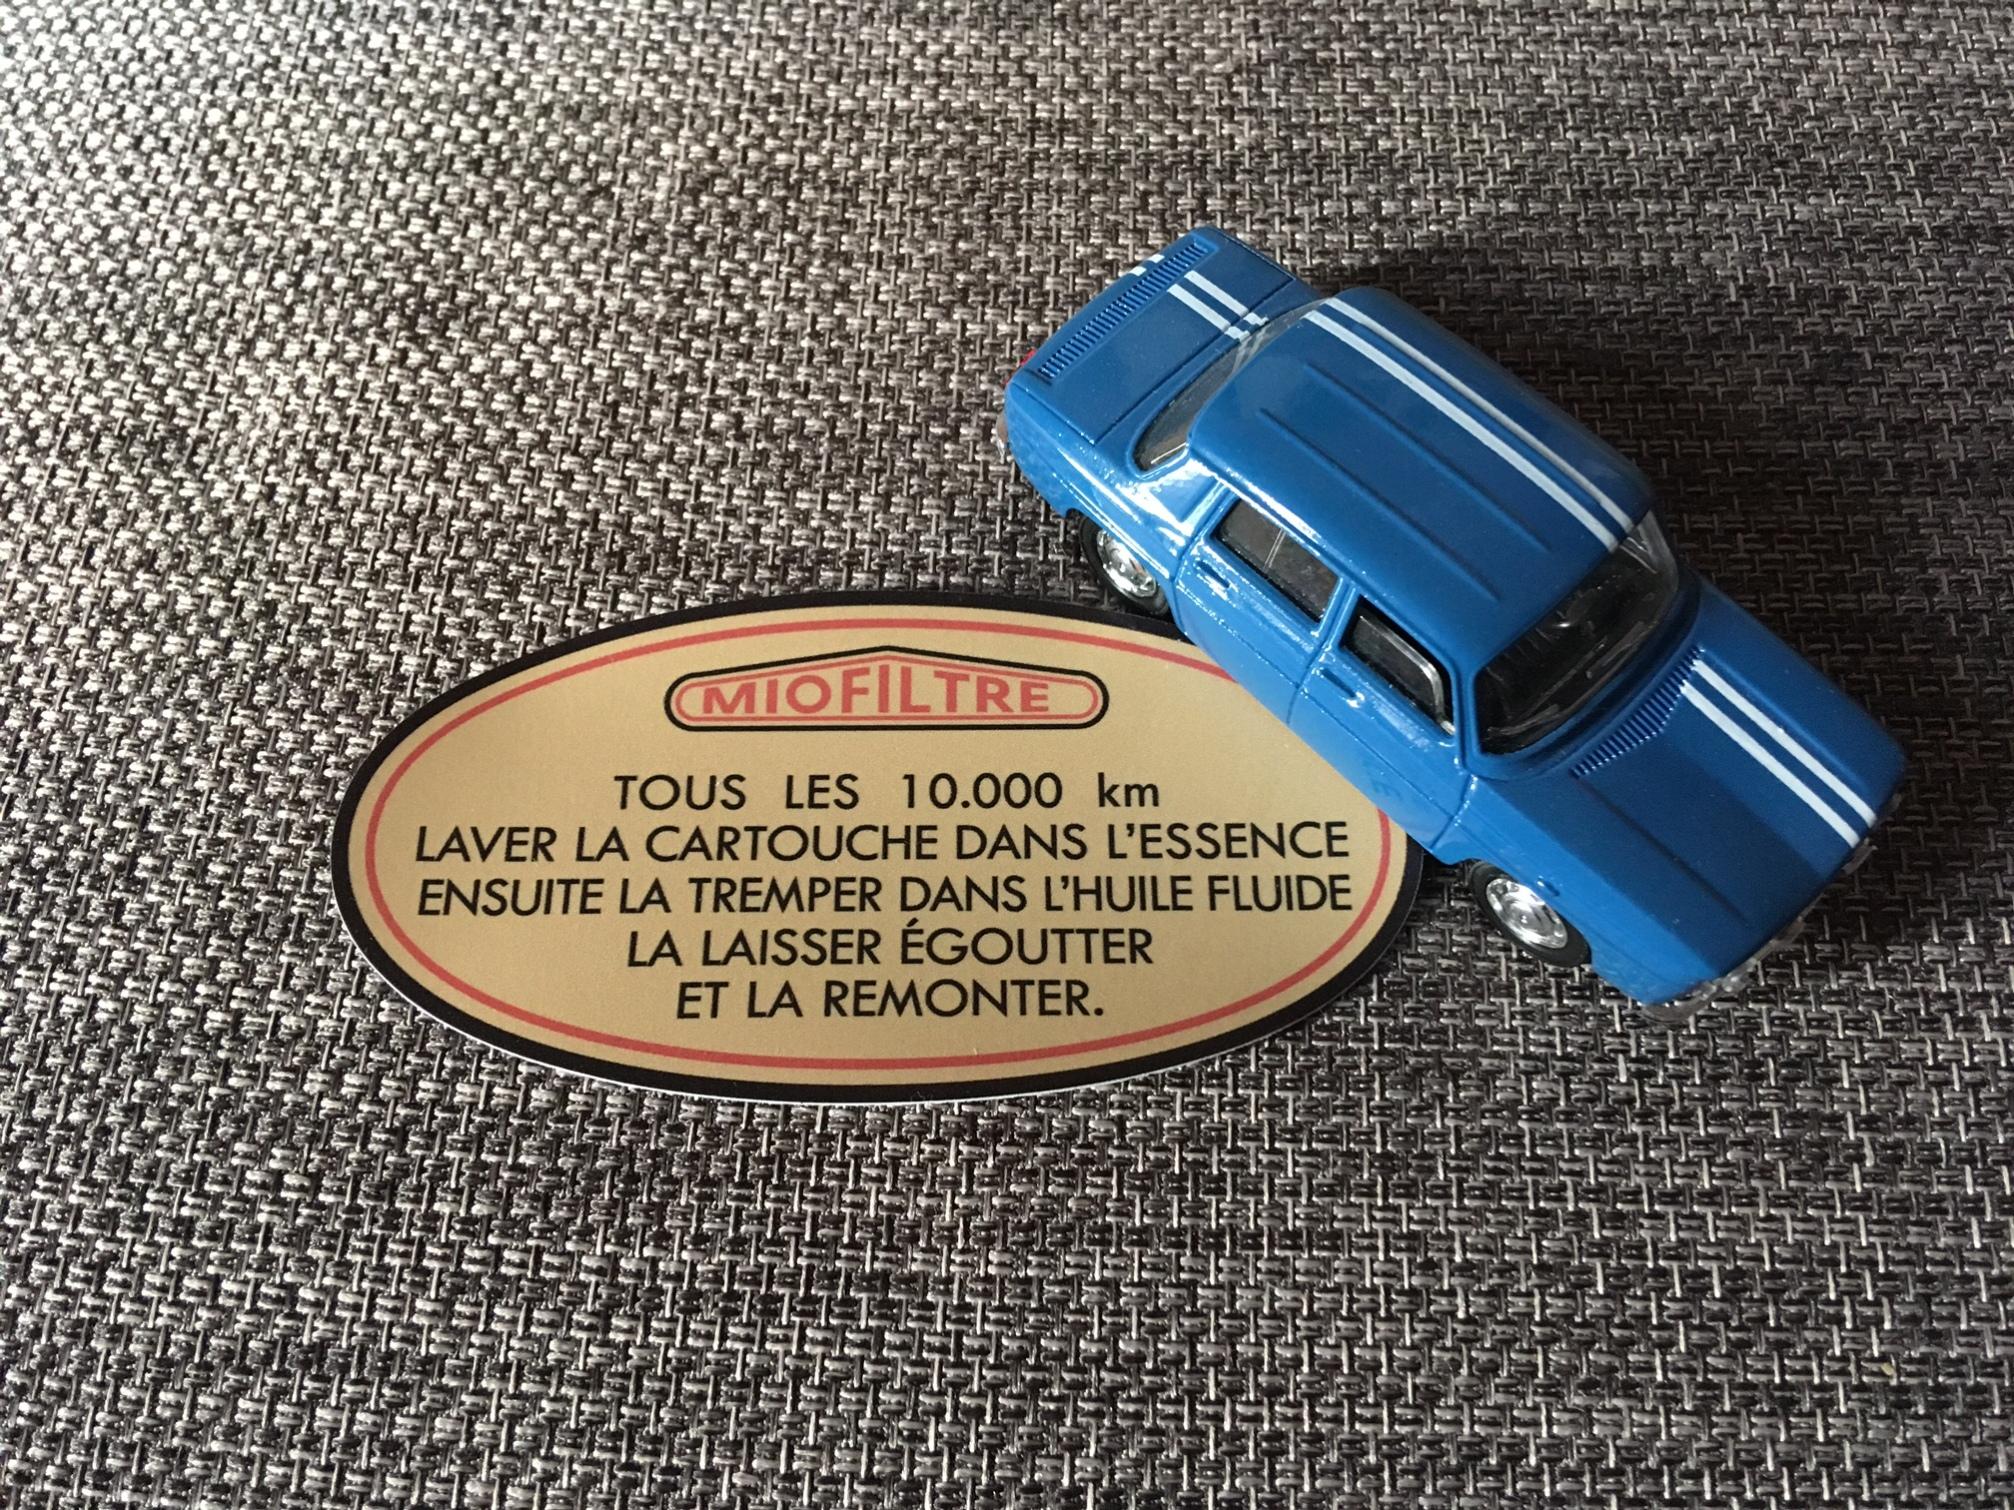 Autocollant Miofiltre pour Renault 8 Gordini